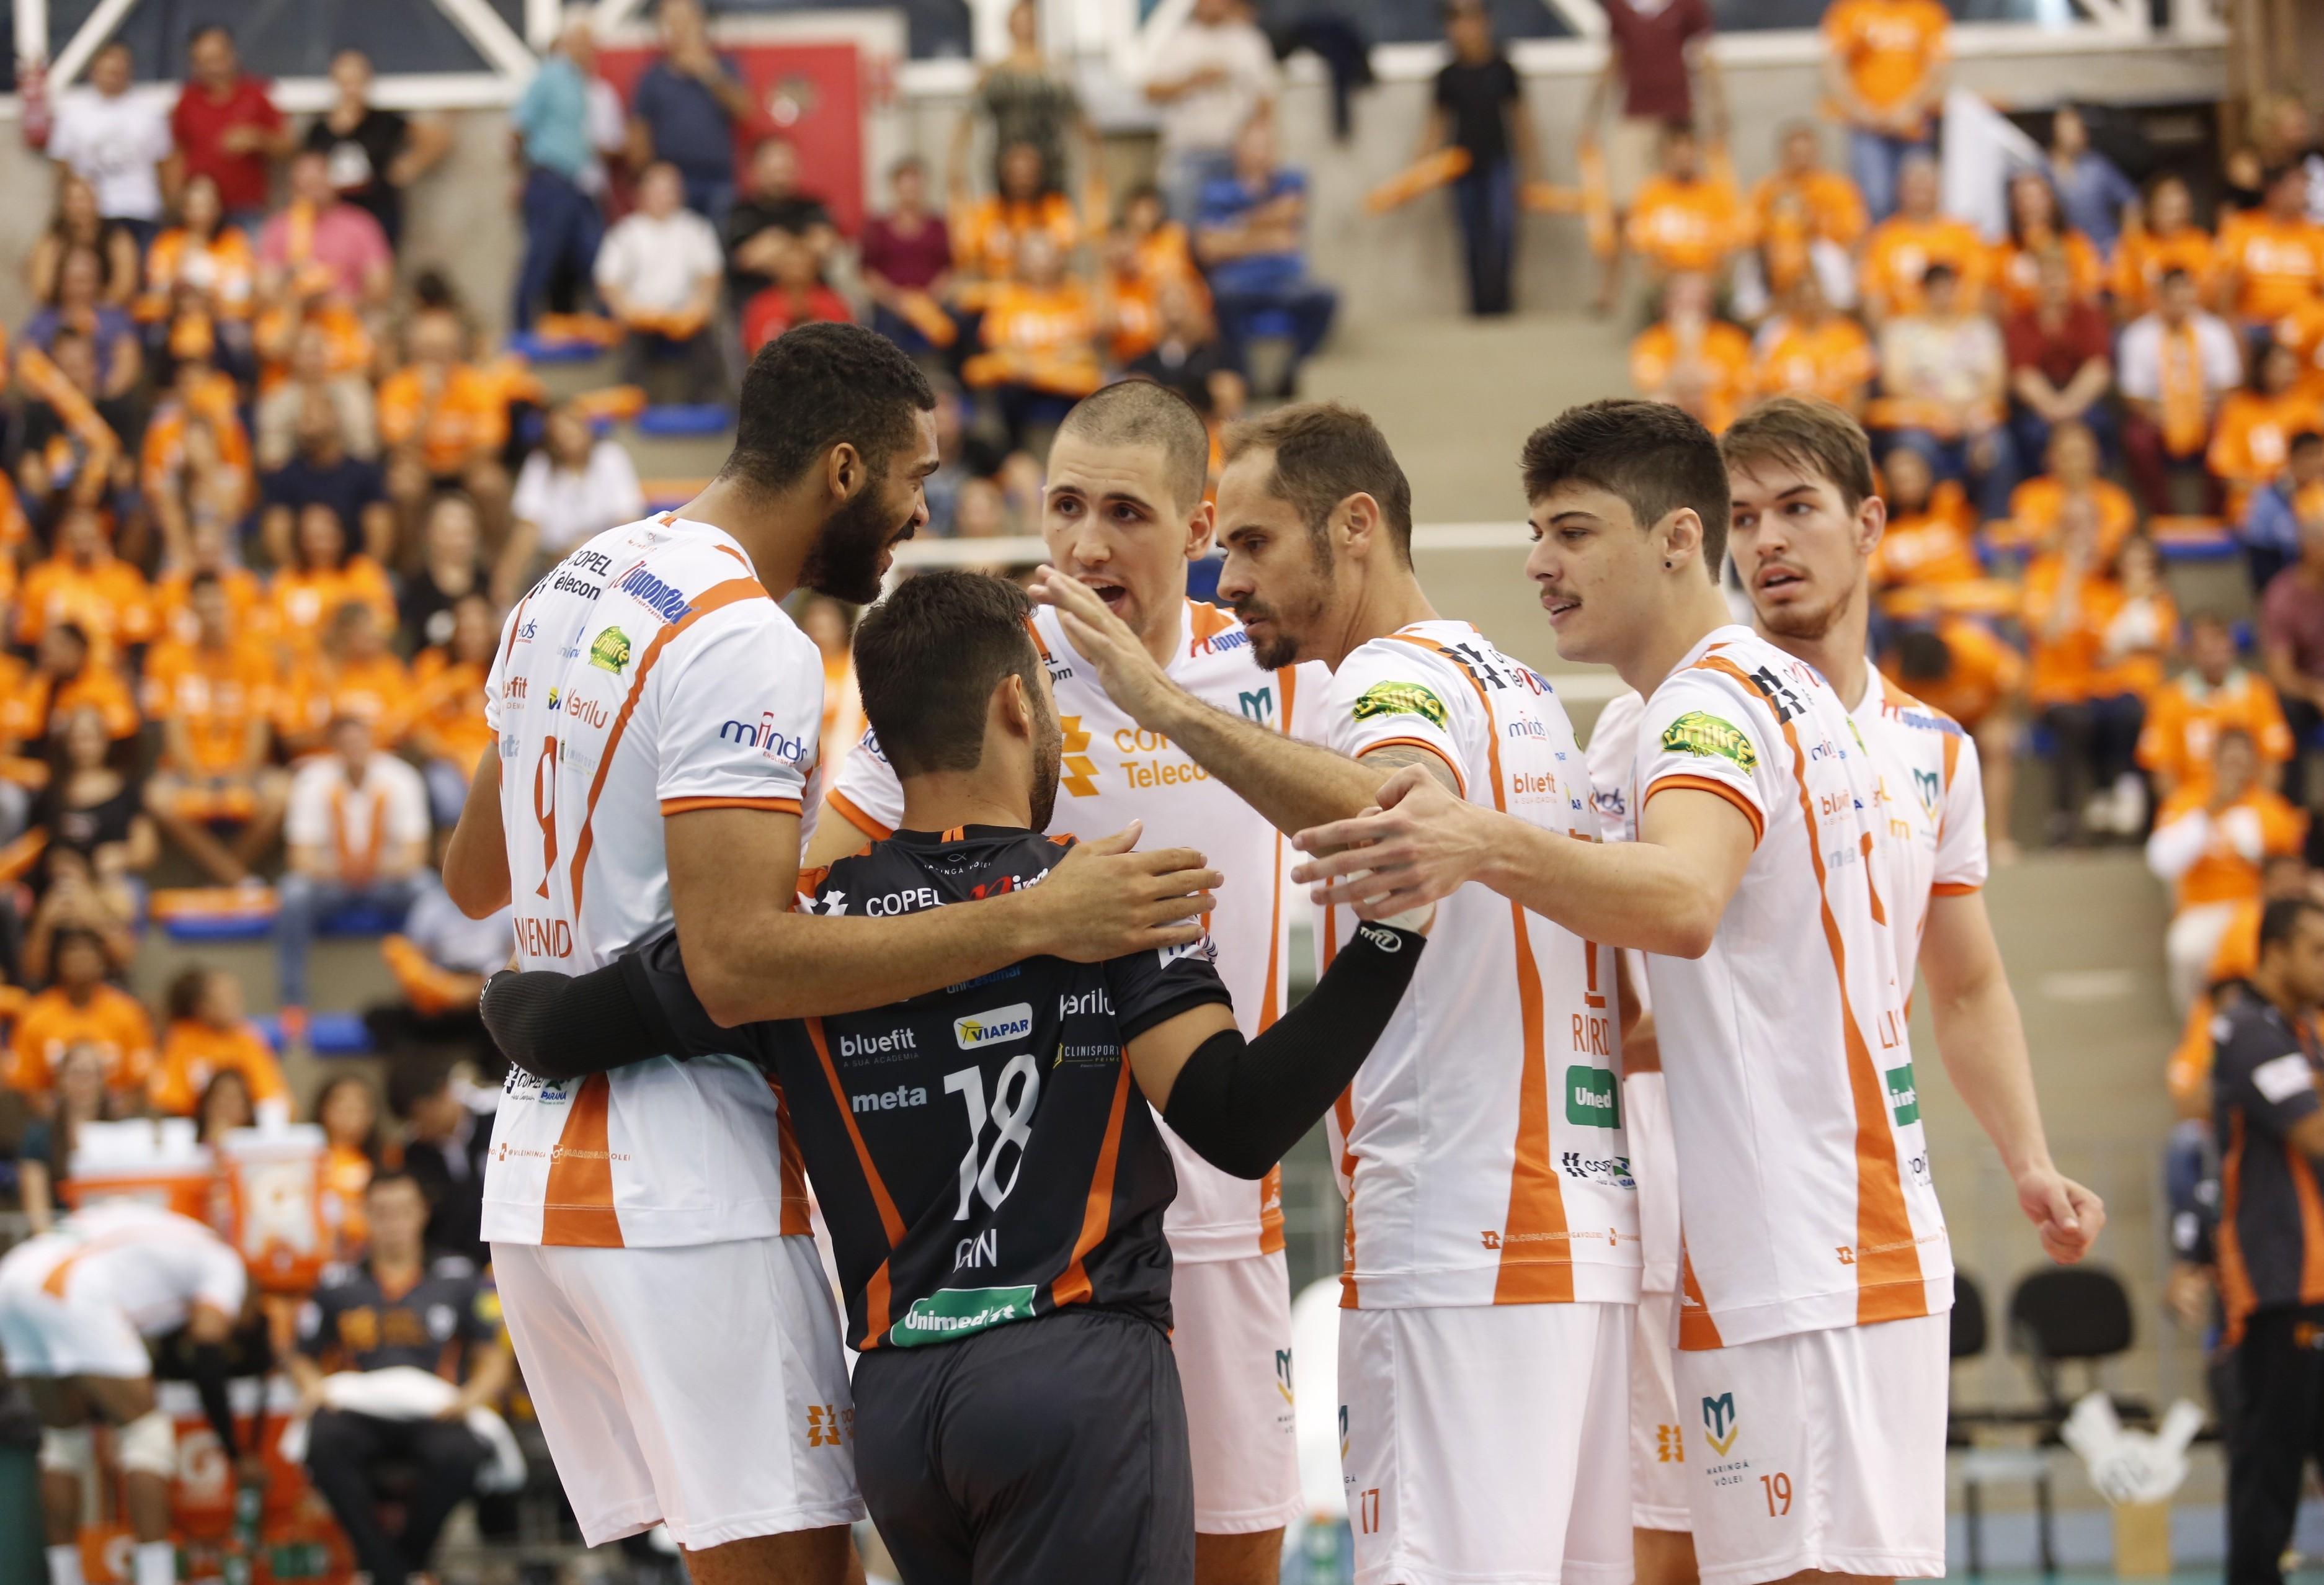 Copel Maringá joga nesta quarta-feira (21) em casa, contra Lebes/Canoas